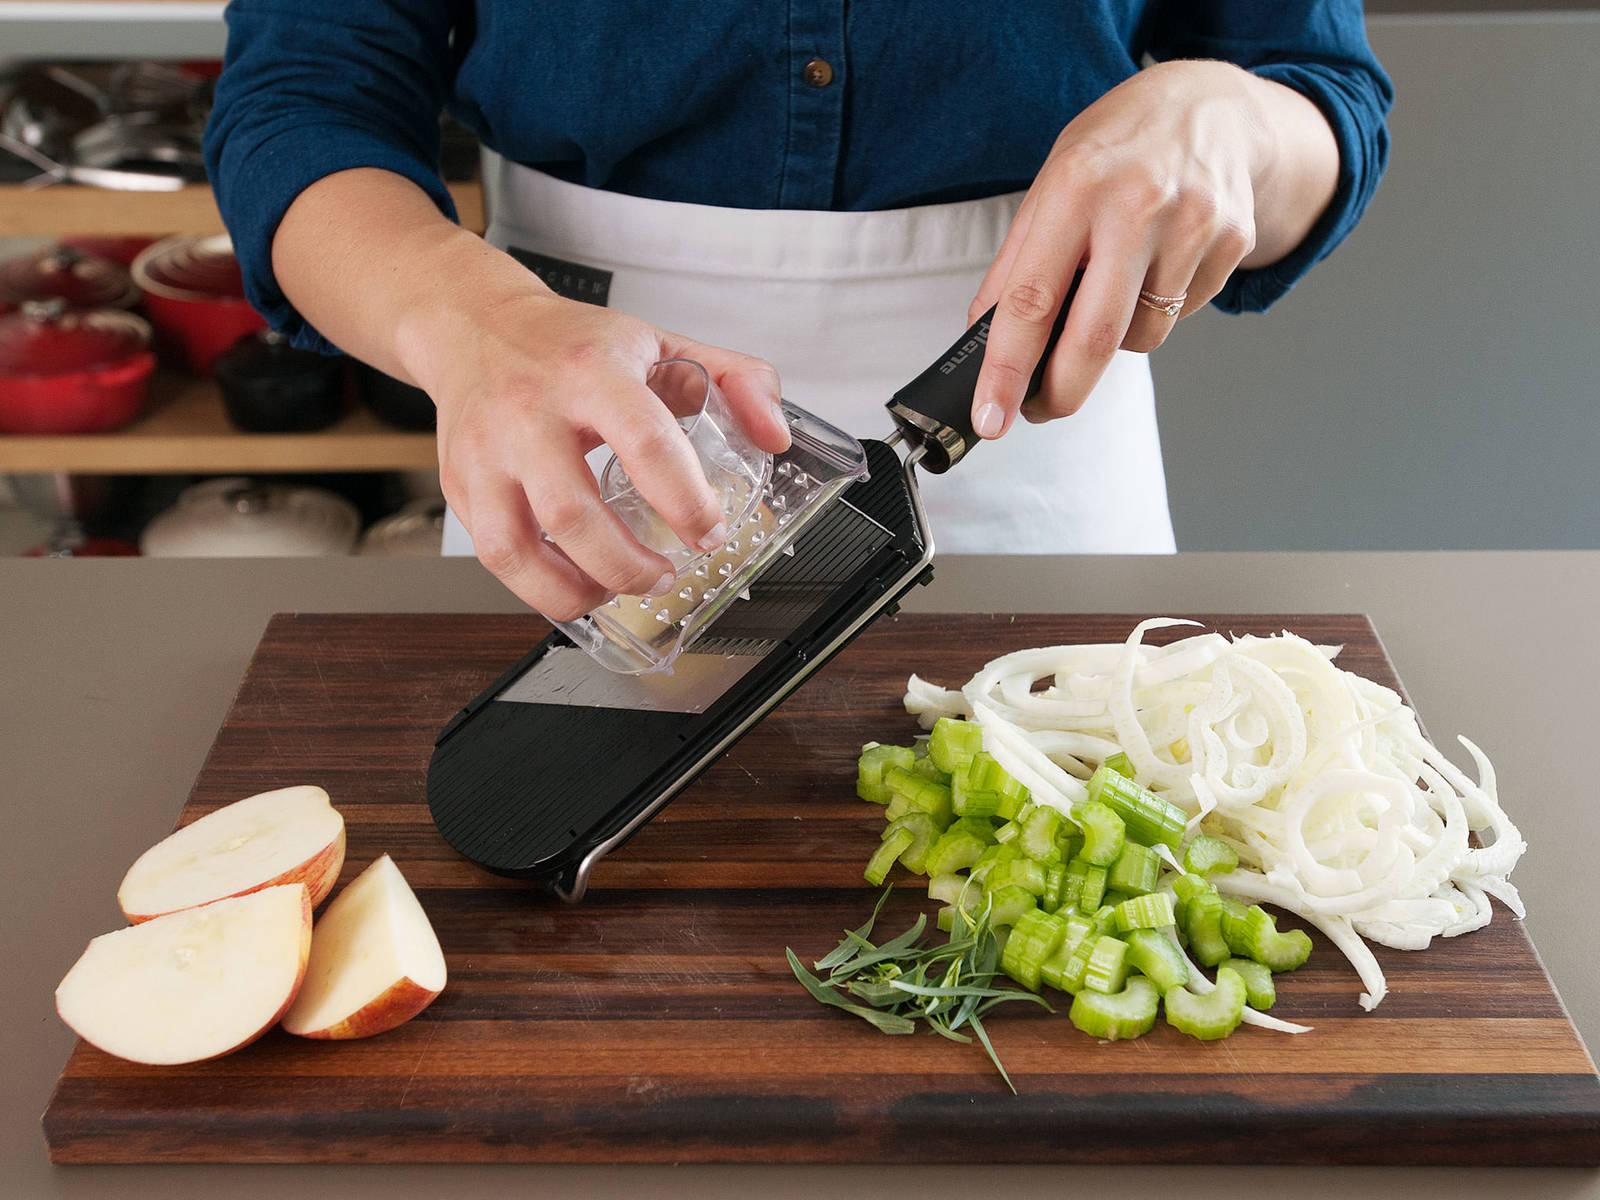 Stangensellerie in ½-cm große Stücke schneiden. Estragonblätter grob hacken, Schalotte fein würfeln. Die Fenchelknolle zuschneiden und mit dem Gemüsehobel in feine Scheiben schneiden. Apfel entkernen und auf dem Gemüsehobel in Scheiben schneiden, anschließend stifteln.